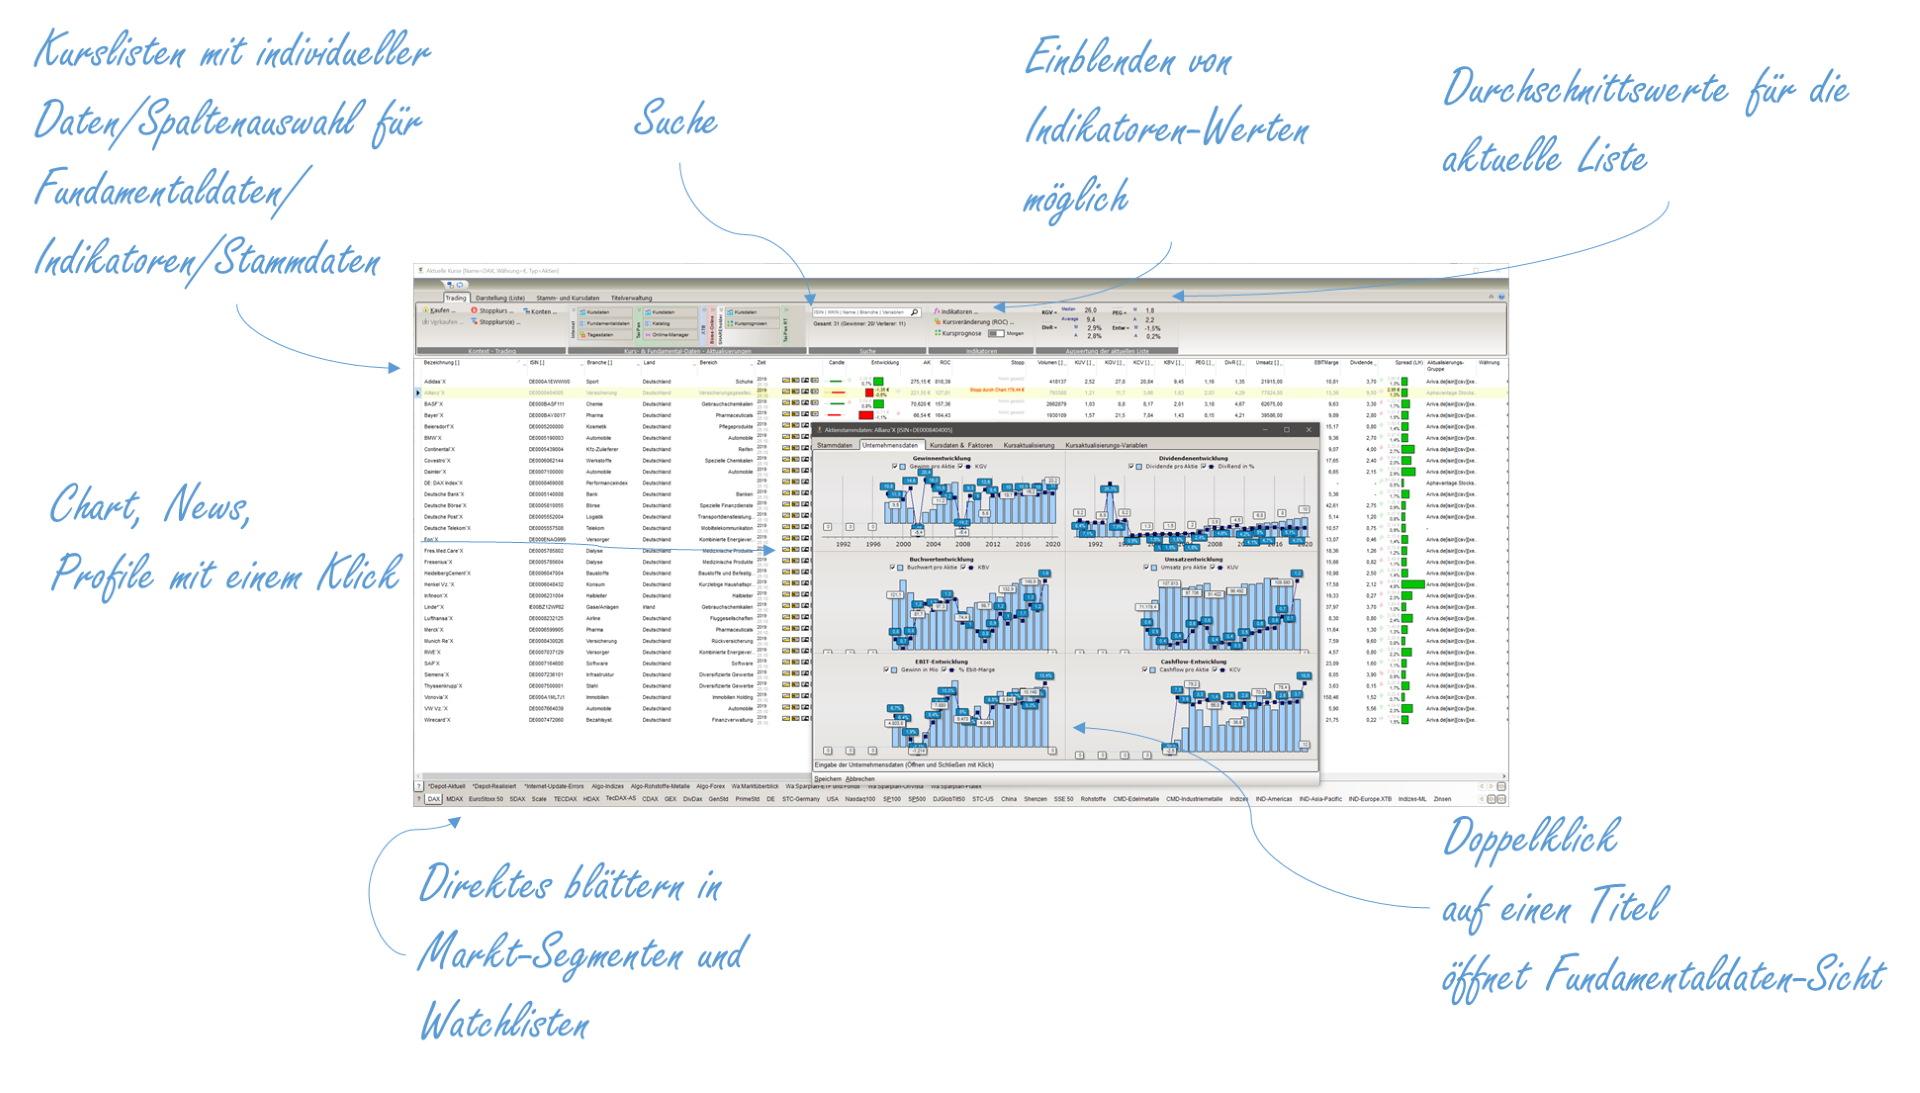 Shareholder Börsensoftware Kurslisten mit personalisierbaren Fundamentaldaten, Marktsegmenten, Watchlisten, News-Profilen und Dashboard-Funktionen